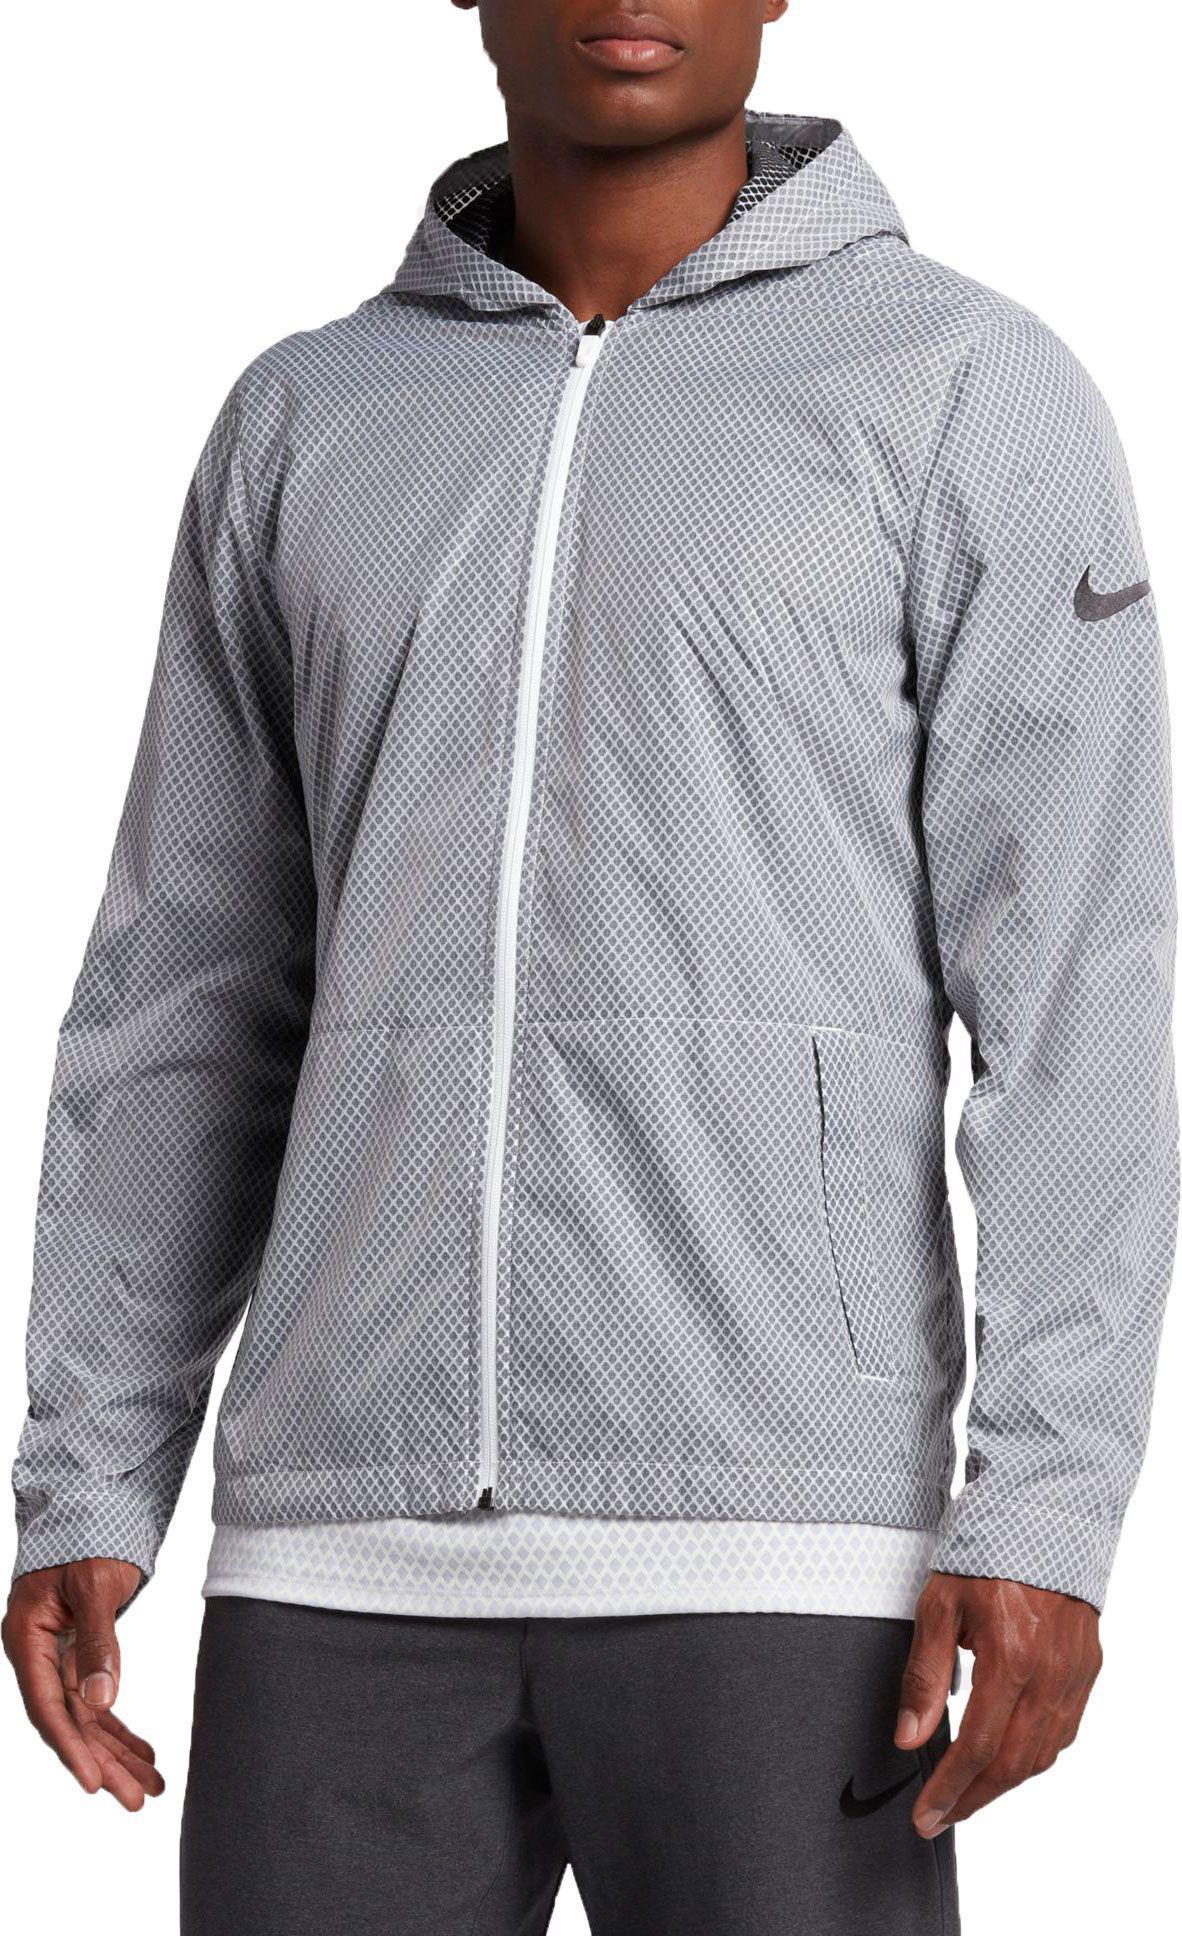 Nike Hyper Elite Men's Basketball Jackets Black/White